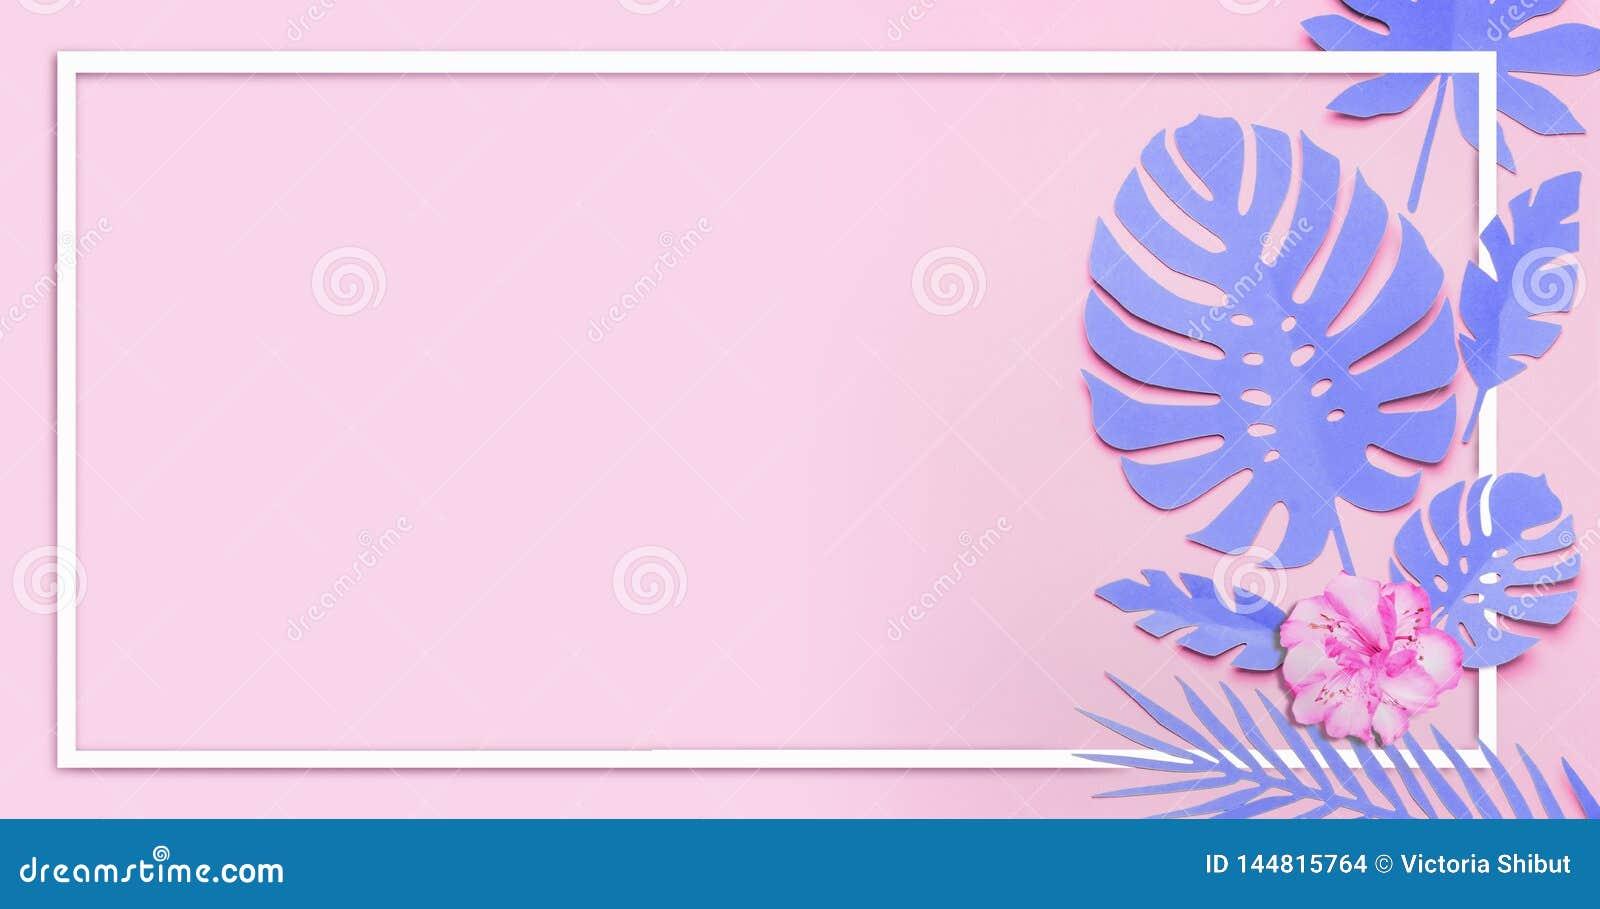 Purpere tropische bladerenlay-out Wit kader bij document tropische bladeren met bloemen op roze achtergrond Het creatieve samenst